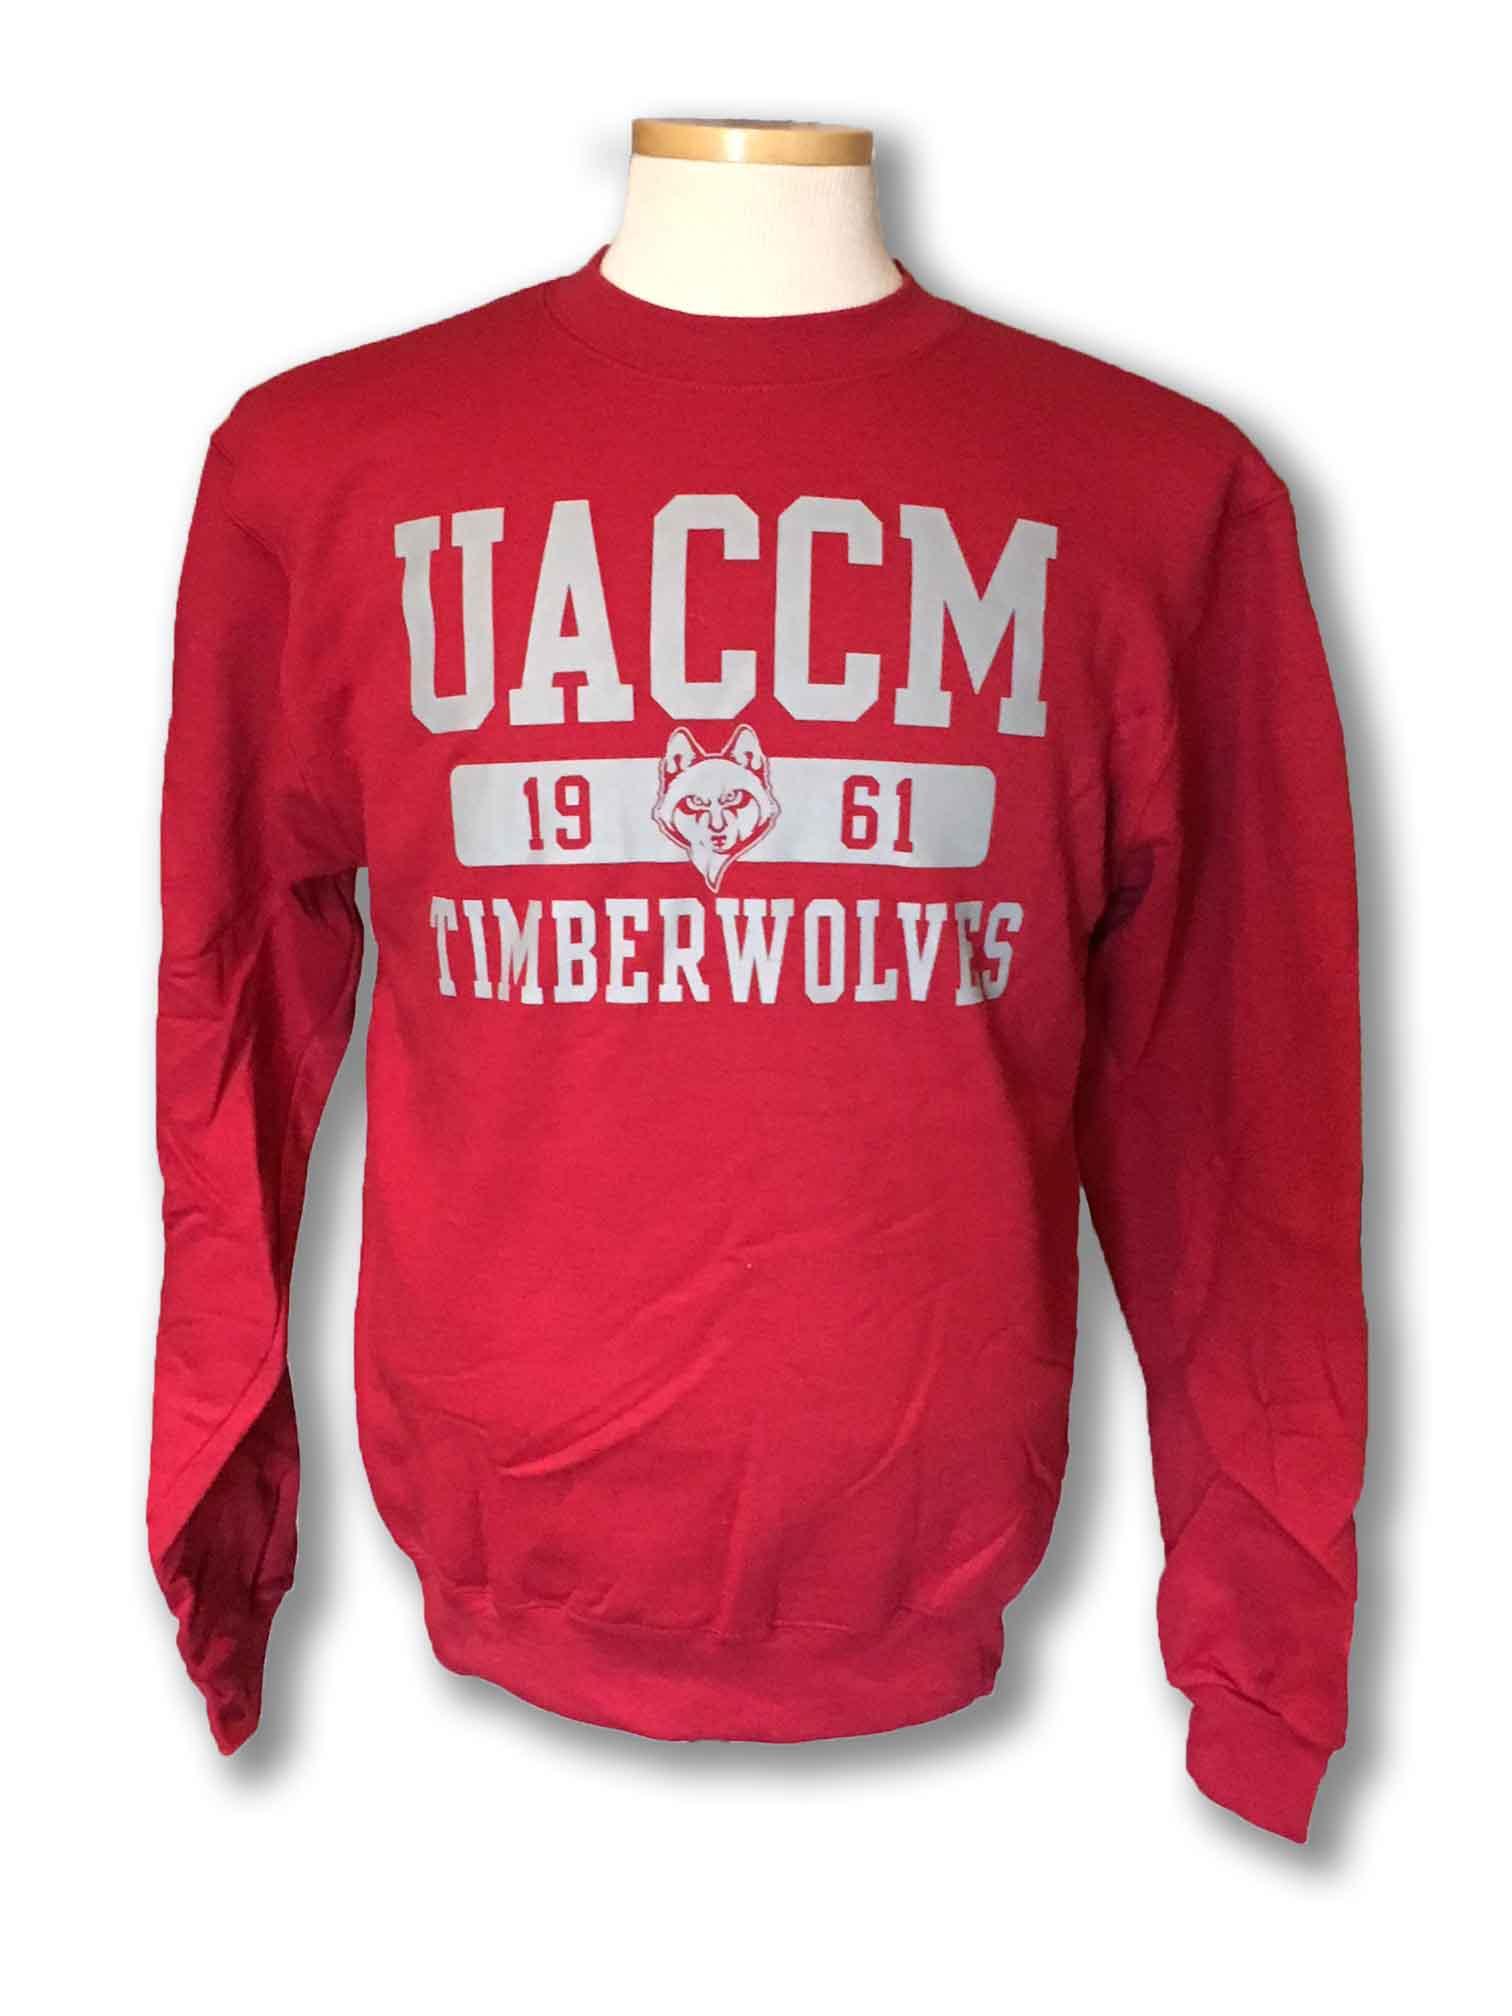 UACCM L/S Sweatshirt